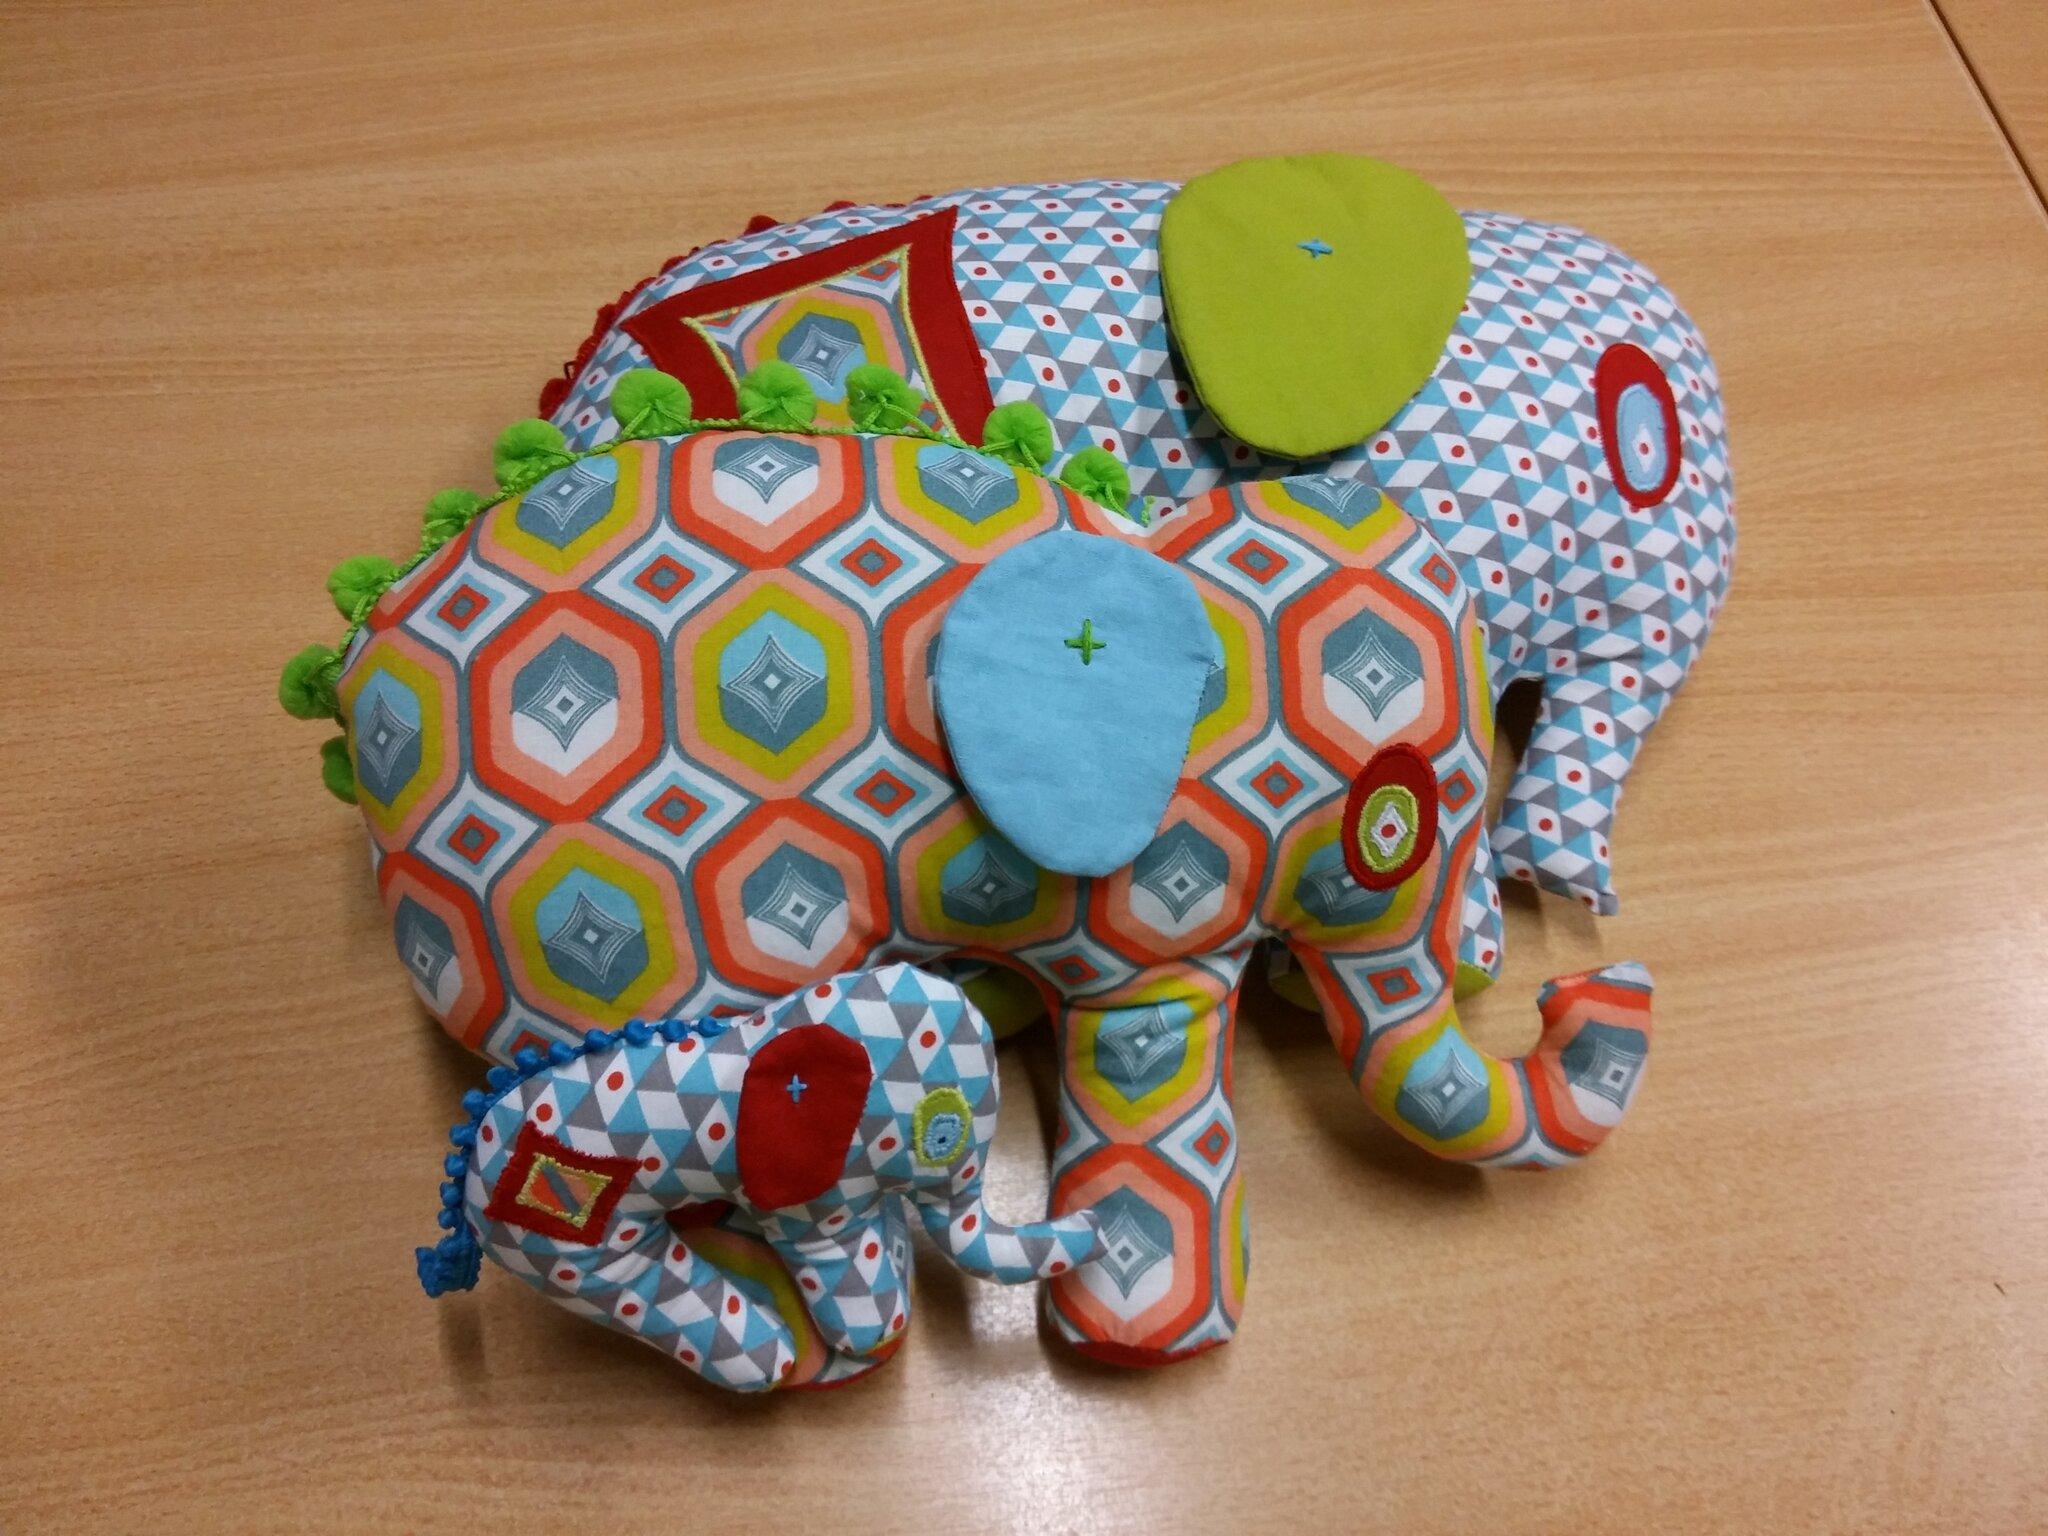 La ronde des éléphants